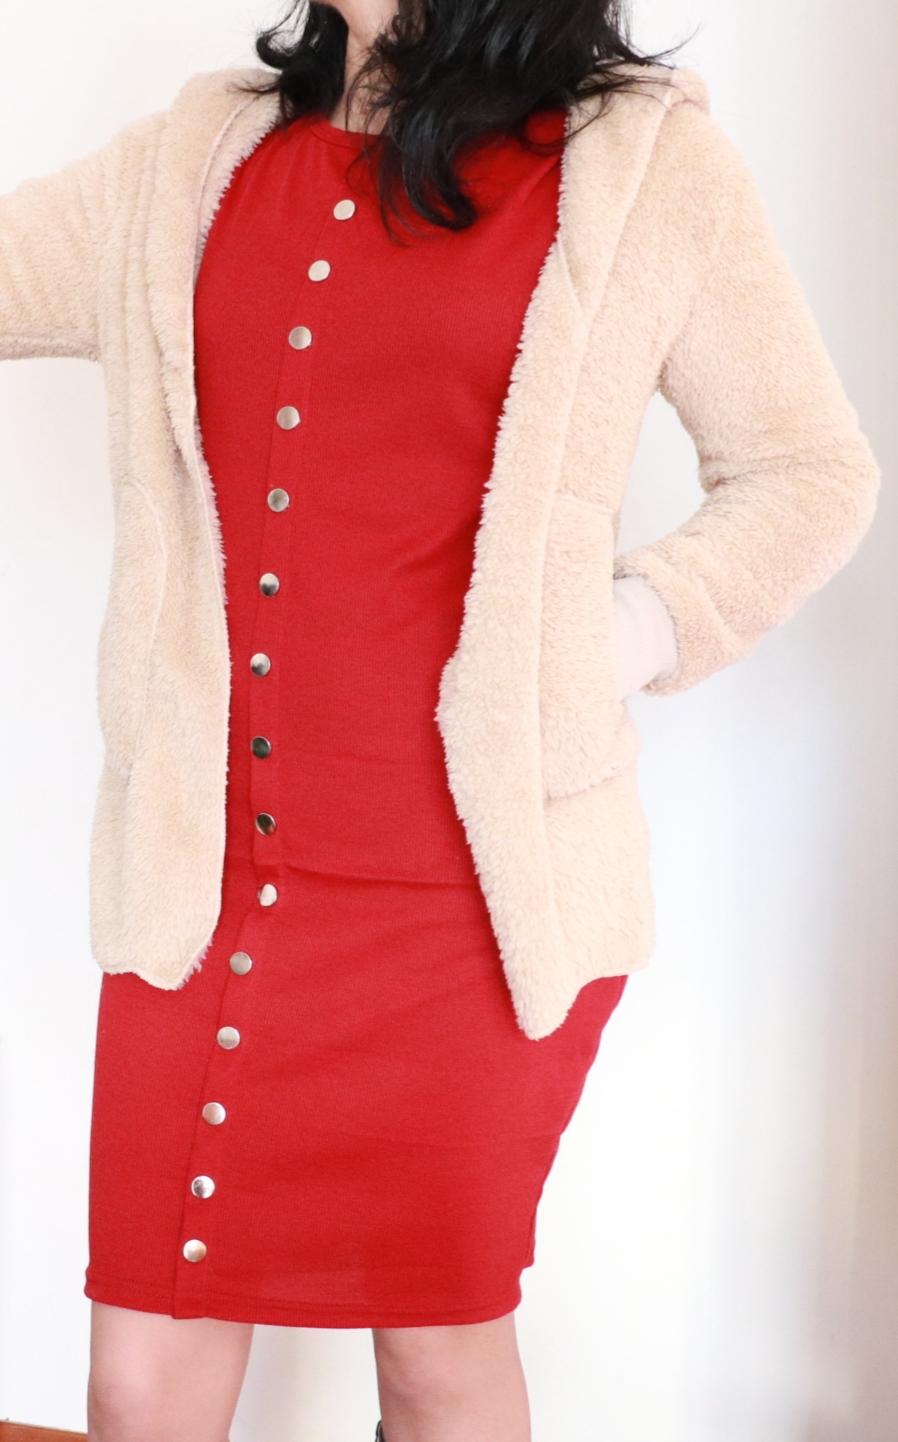 acquisti manzara, giacca peluche, mini vestito